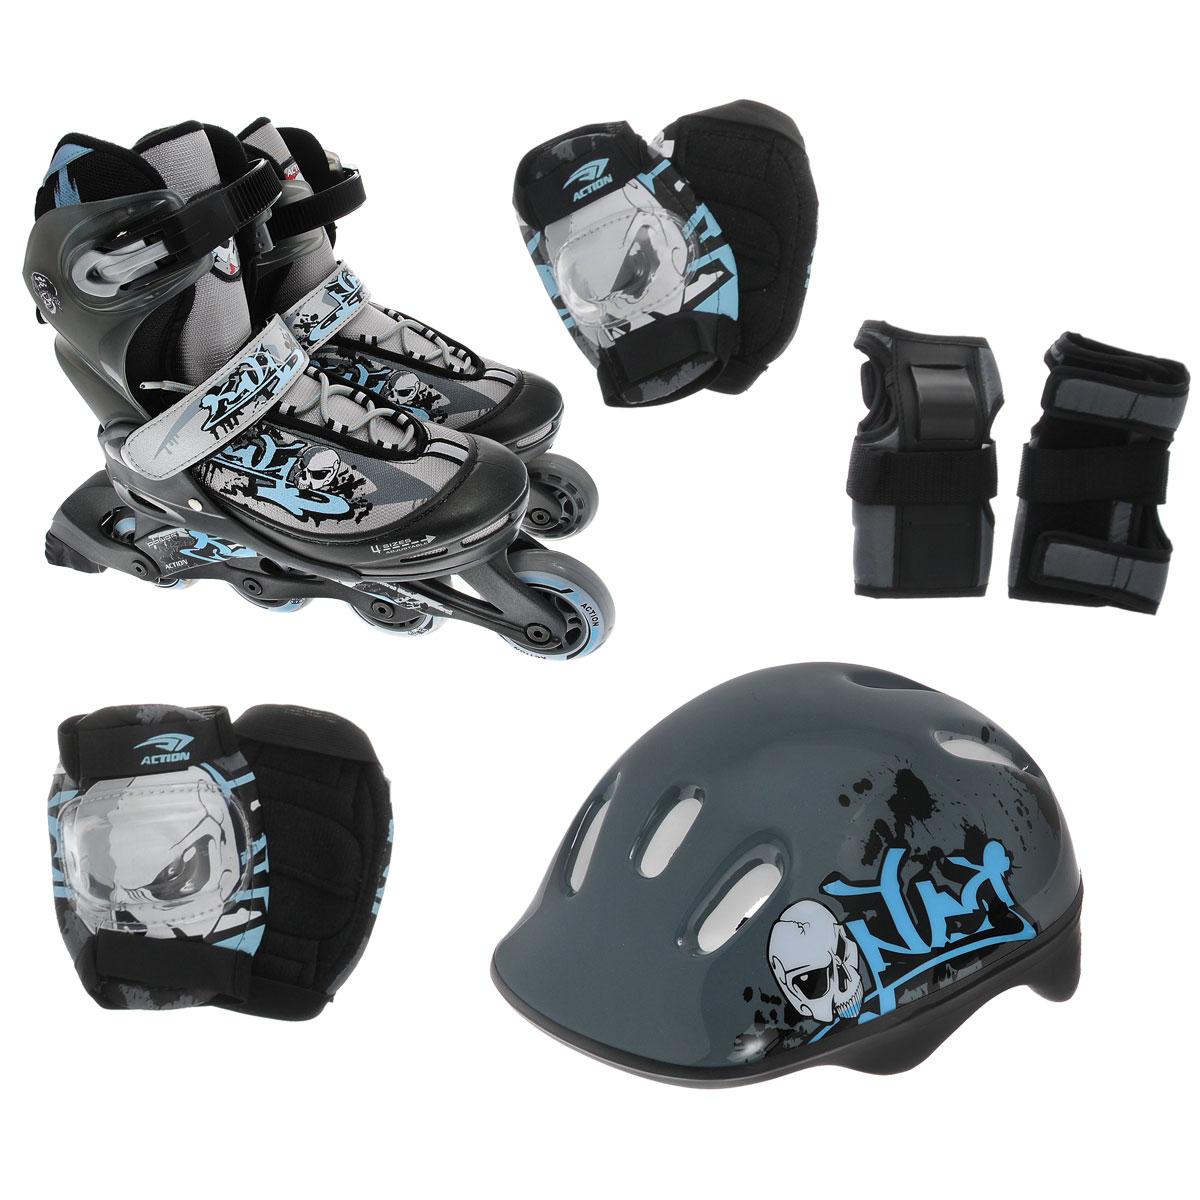 Комплект Action: коньки роликовые, шлем, защита, цвет: серый, голубой. PW-117С. Размер 26/29PW-117СРаздвижные роликовые коньки Action предназначены для активного отдыха.Коньки имеют высокоэластичные и износостойкие колеса жесткостью 82А. Мягкий комбинированный ботинок из воздухопроницаемого сетчатого материала, система шнуровки, бакля (жесткое крепление) и пяточный ремень обеспечивают надежную фиксацию ноги во время катания. Рычажная система регулировки размера. Ролики оснащены тормозом.Рама изготовлена из композита, а колеса с подшипниками АВЕС-5 - из ПВХ (64 мм). К роликам прилагается полный комплект защиты: шлем (из плотного пенополистирола с верхним покрытием из пластика и отверстиями для вентиляции головы), защита рук, коленей, локтей. Двухкомпонентная система с внутренними вставками поглощает энергию удара, снимает нагрузку с суставов и снижает риск получения травм. Все это упаковано в специальную сумку-переноску-рюкзак с прозрачными окном, боковым карманом и регулируемыми лямками. Роликовые коньки - это прекрасная возможность активного время провождения, отличный способ снять напряжение после трудового дня, пообщаться с друзьями, завести новые знакомства и повысить свою самооценку. При выборе роликовых коньков следует заботиться не о цвете, внешнем виде или фирме-производителе, а о том, чтобы вам и вашему ребенку было удобно и комфортно в выбранной модели, и чтобы нога надежно и плотно фиксировалась в коньке, но в то же время ее ничто не стягивало. Нельзя покупать ролики на пять размеров больше, но и нельзя покупать размер в размер. Ролики должны быть на один, максимум два размера больше ноги. УВАЖАЕМЫЕ КЛИЕНТЫ!Обращаем ваше внимание на различие в количестве колес в зависимости от размеров роликов: ролики размером 26/29 поставляются с 3 колесами, размерами 30/33 и 34/37 - с 4.